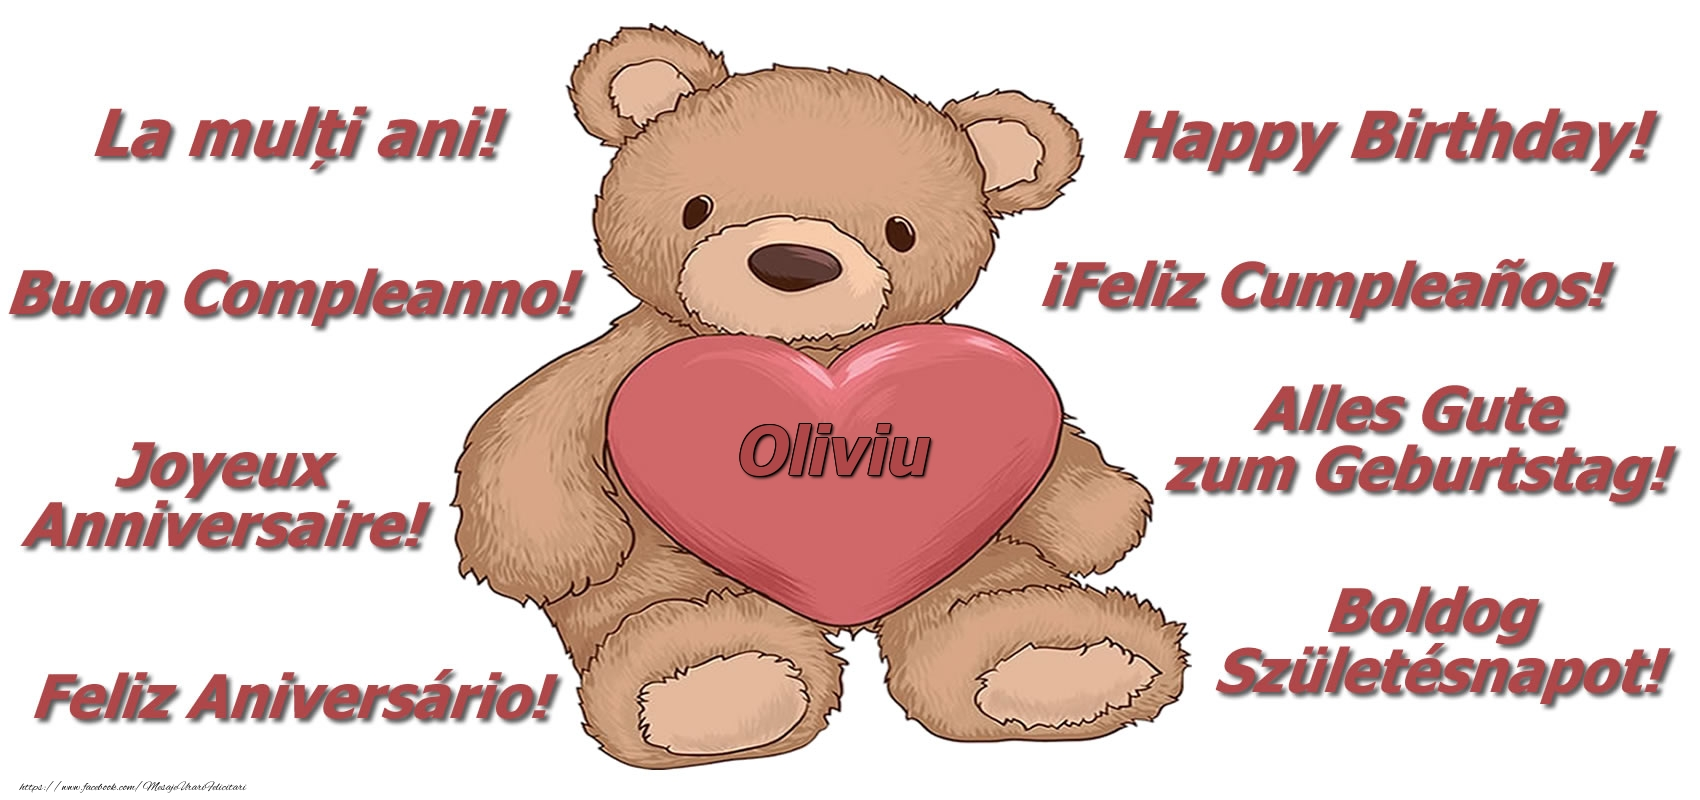 Felicitari de zi de nastere - La multi ani Oliviu! - Ursulet